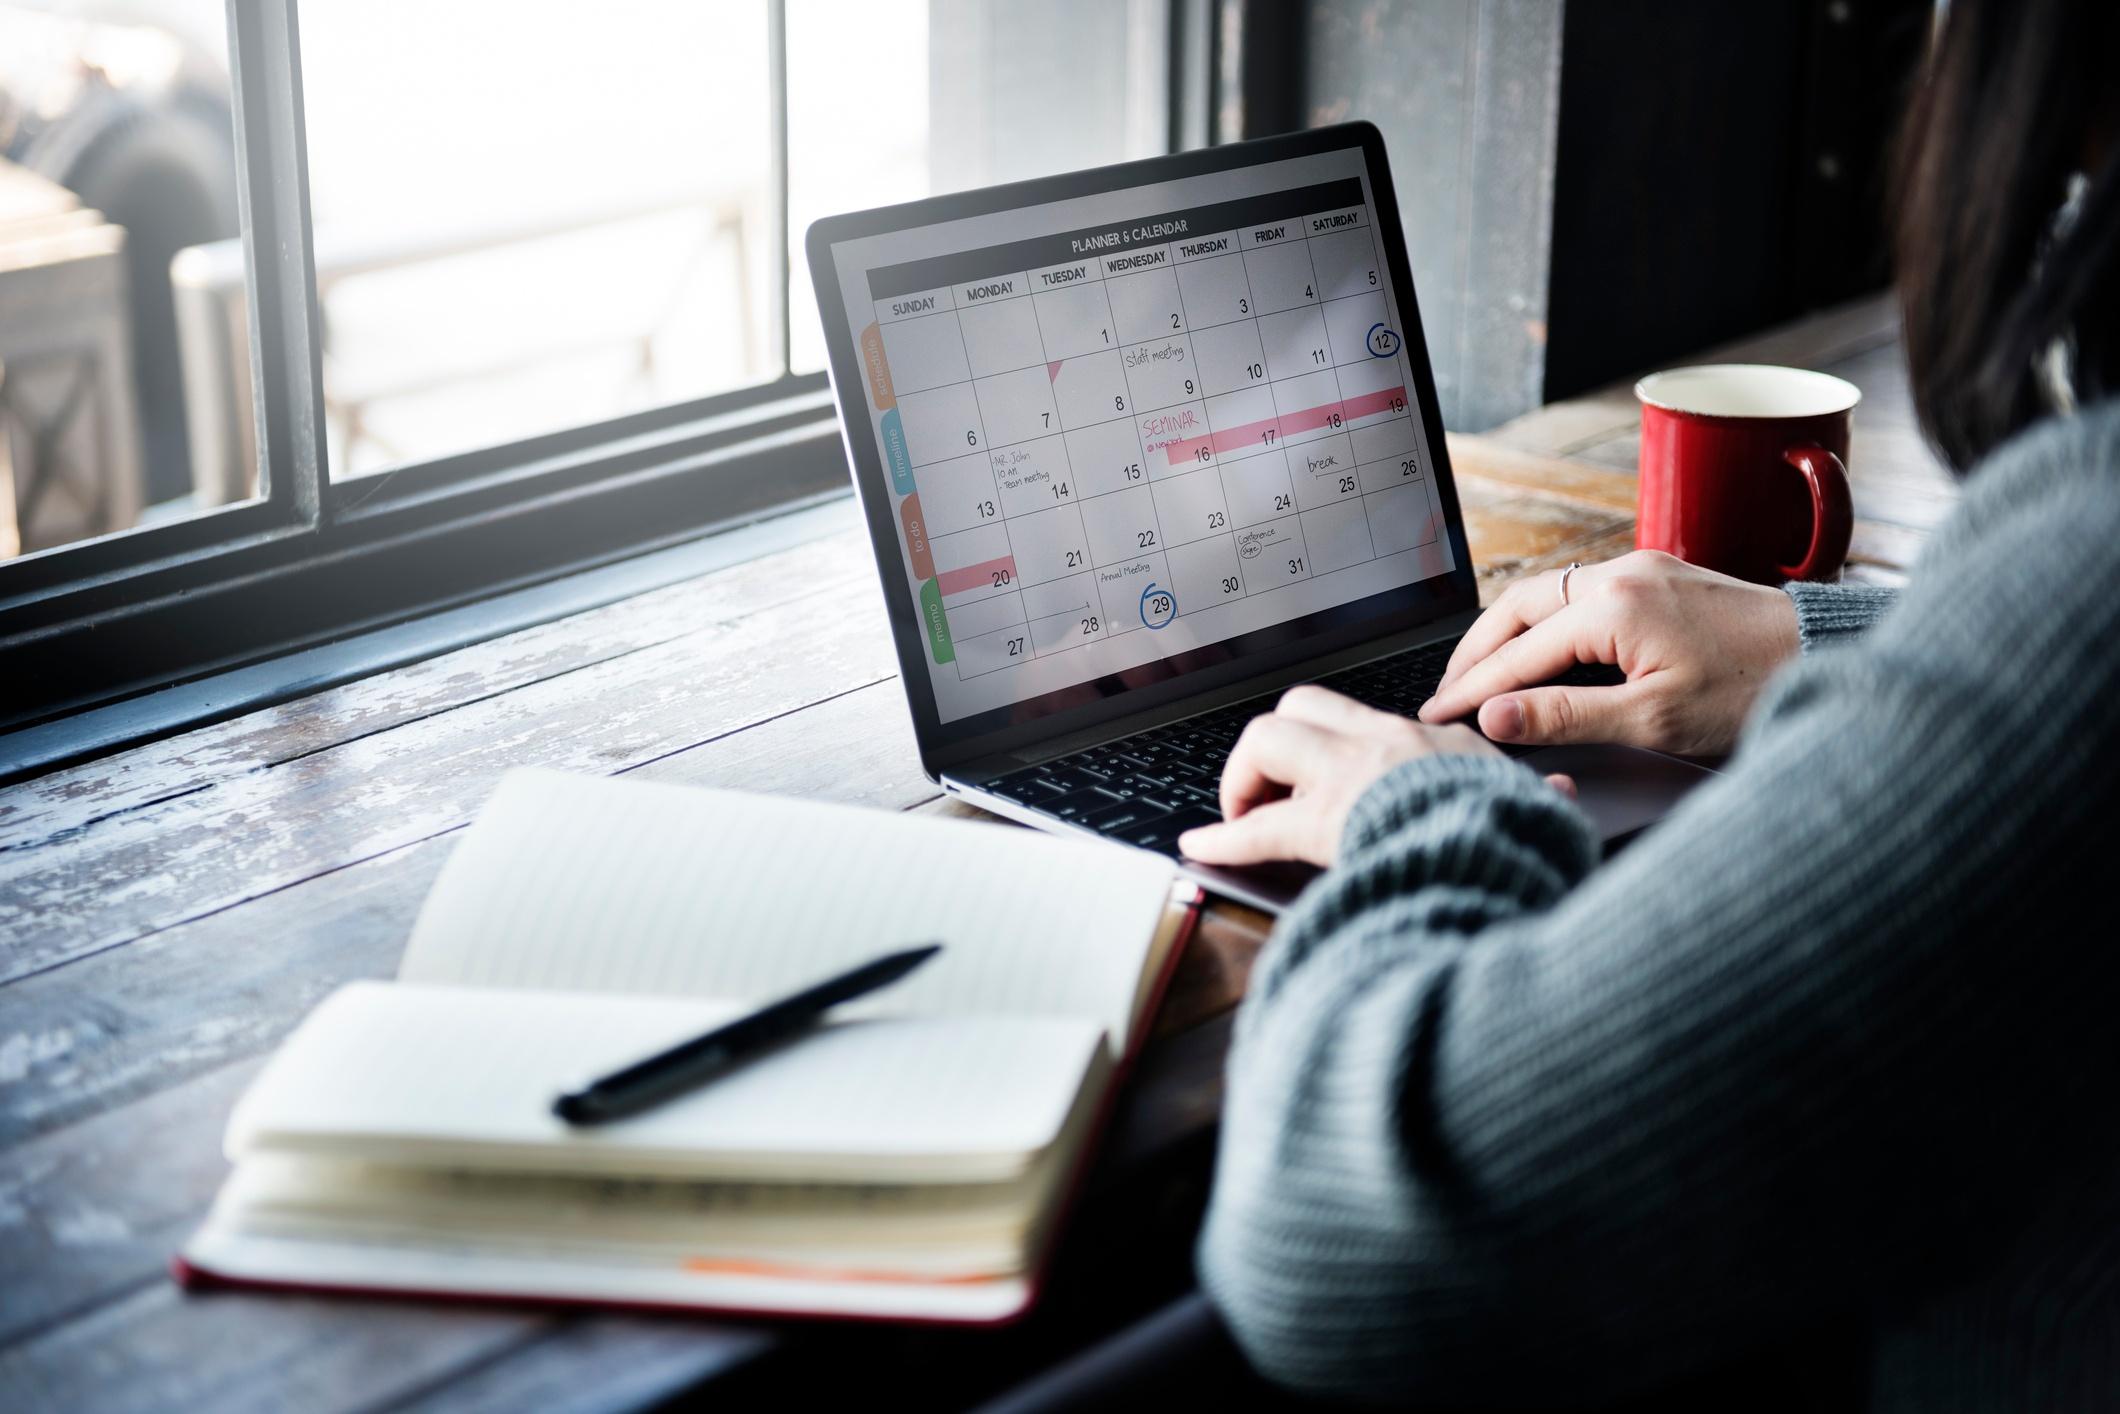 [Herramienta gratis] Cómo crear un link personalizado para programar reuniones